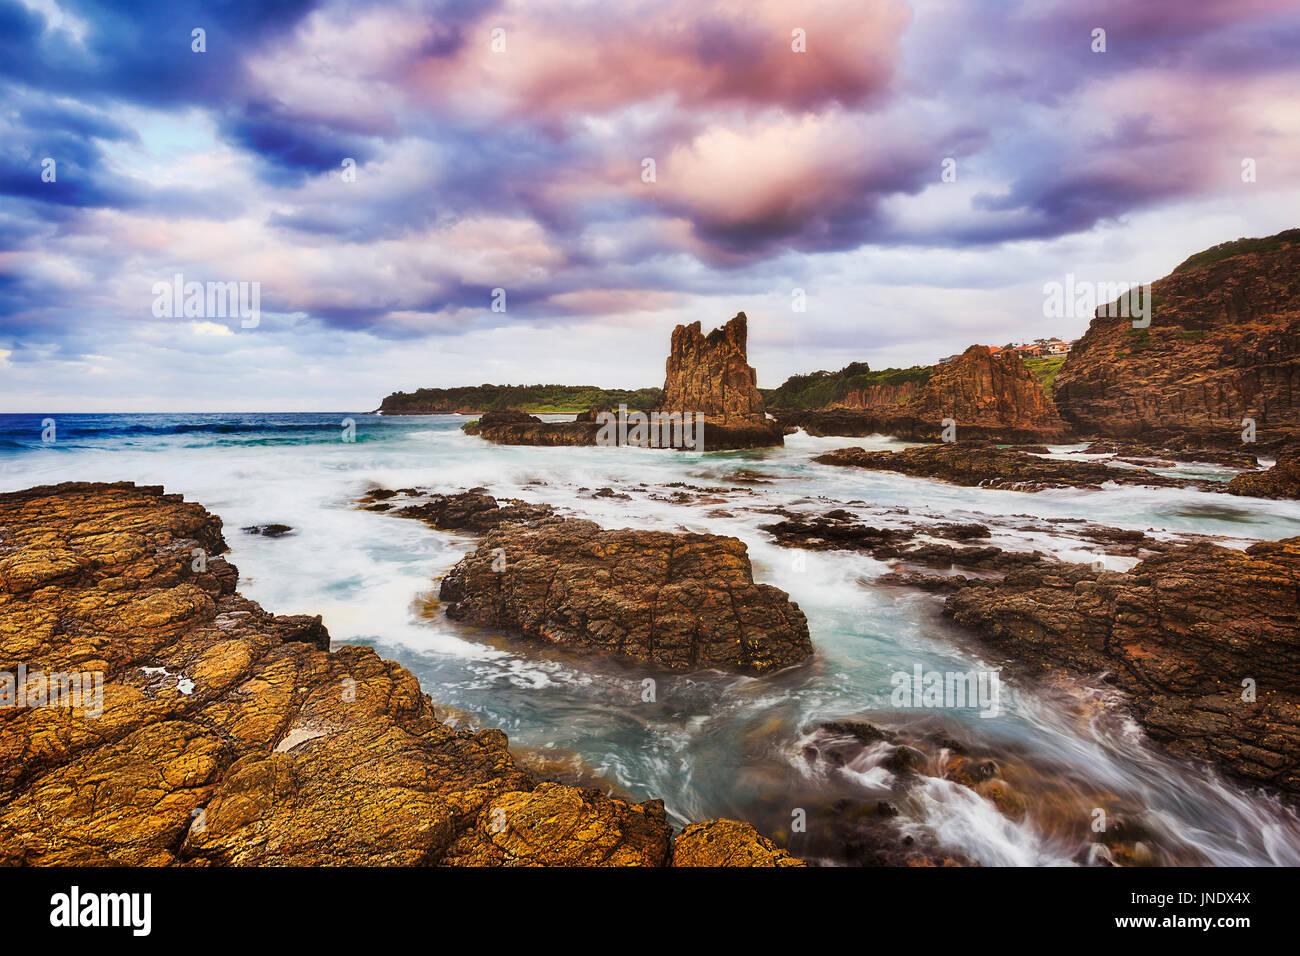 Robusto costa rocciosa intorno bombo beach in Kiama città su Australian Pacific shore. Sfocata flussi di surf a terra erodendo scogliere di arenaria e cattedrale boul Immagini Stock